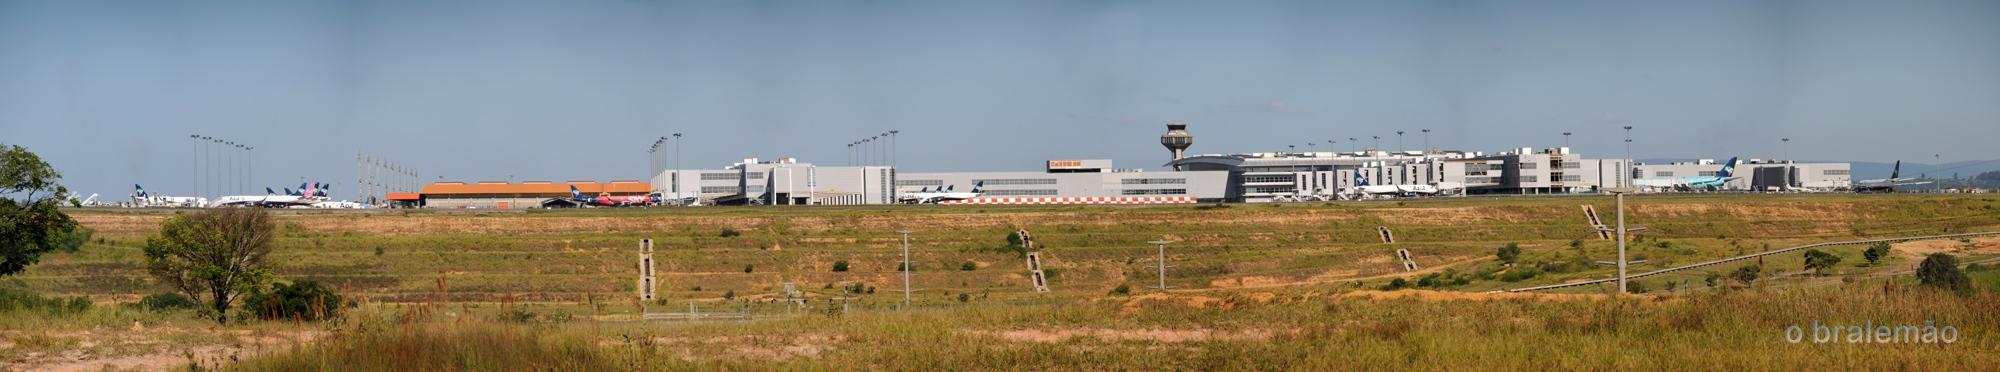 panorâmica do aeroporto Viracopos, Campinas